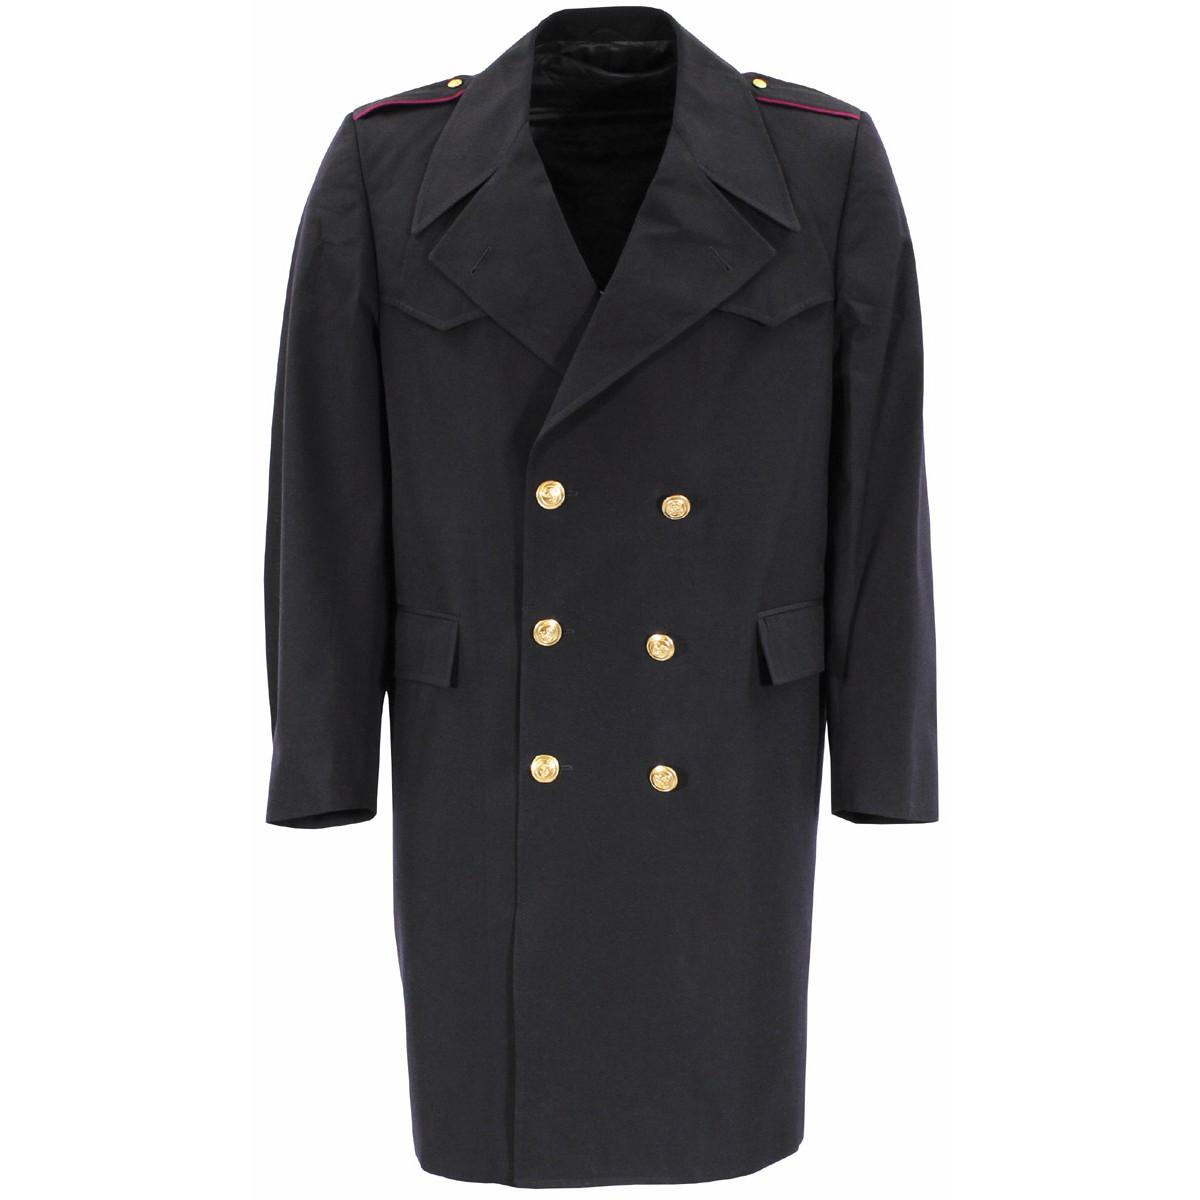 Kabát taliansky MARINE dvojradové zapínanie MODRÝ Armáda Talianska 609240 L-11